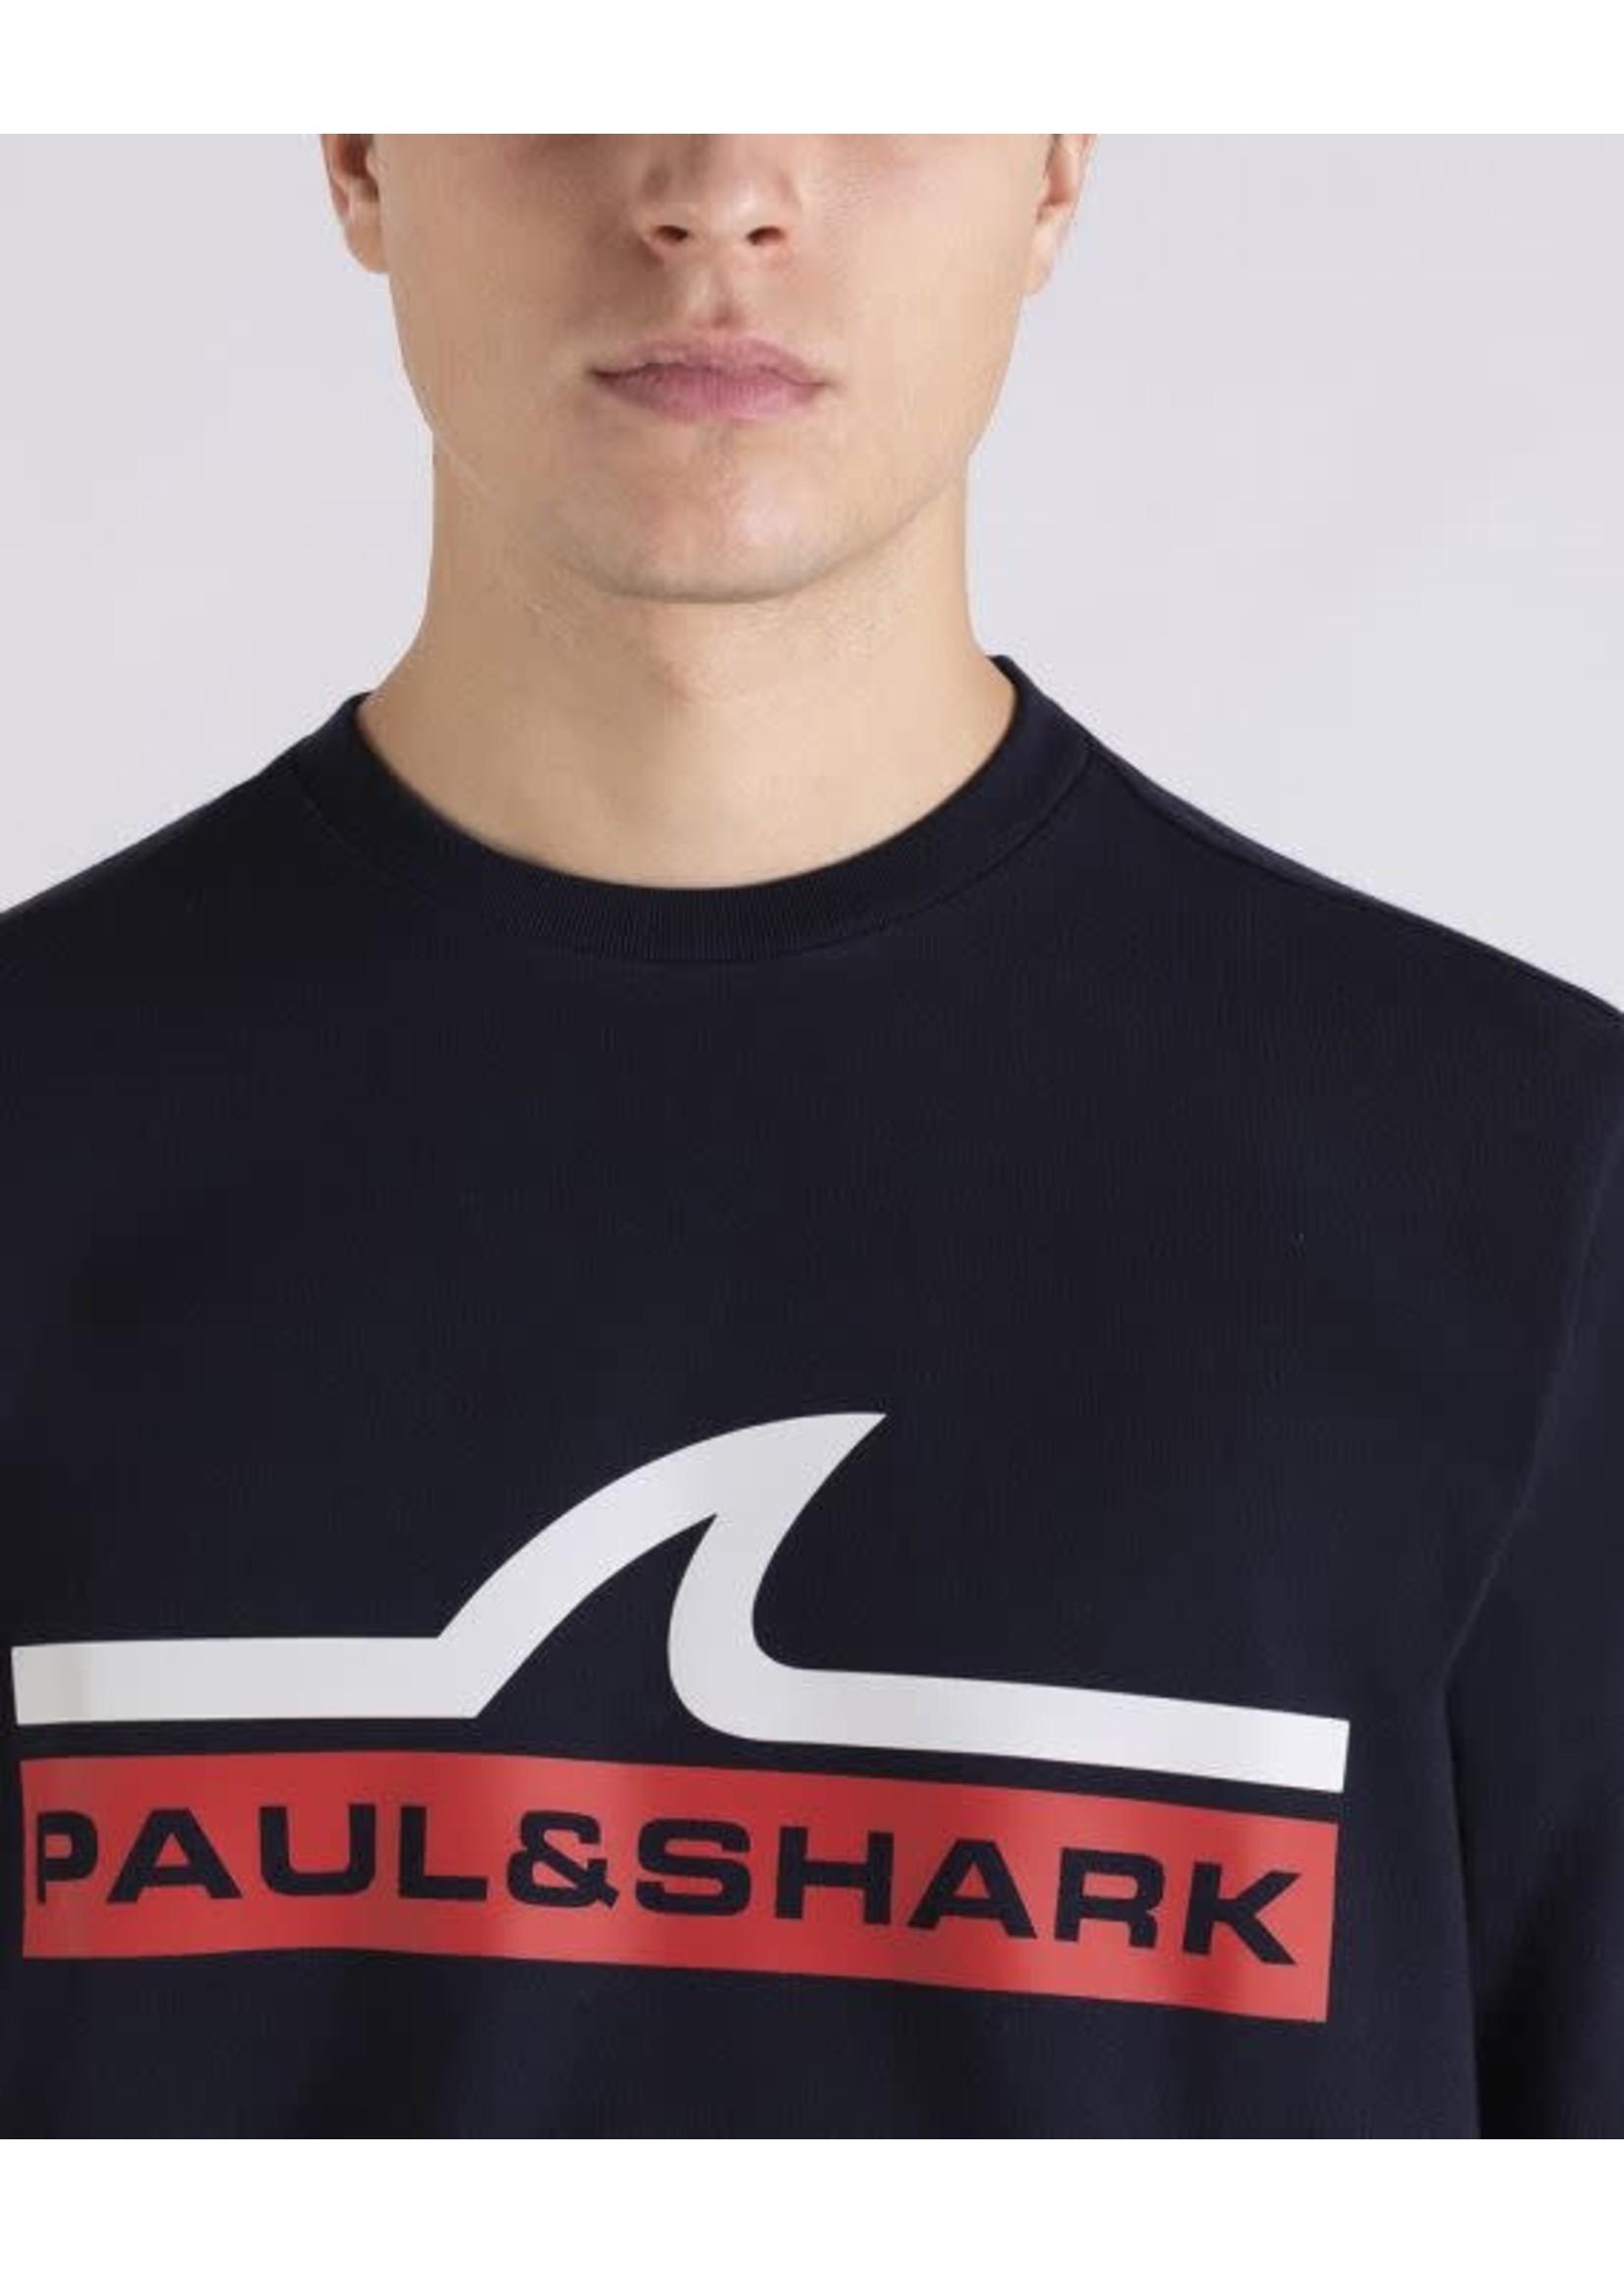 Paul & Shark sweater marine combi